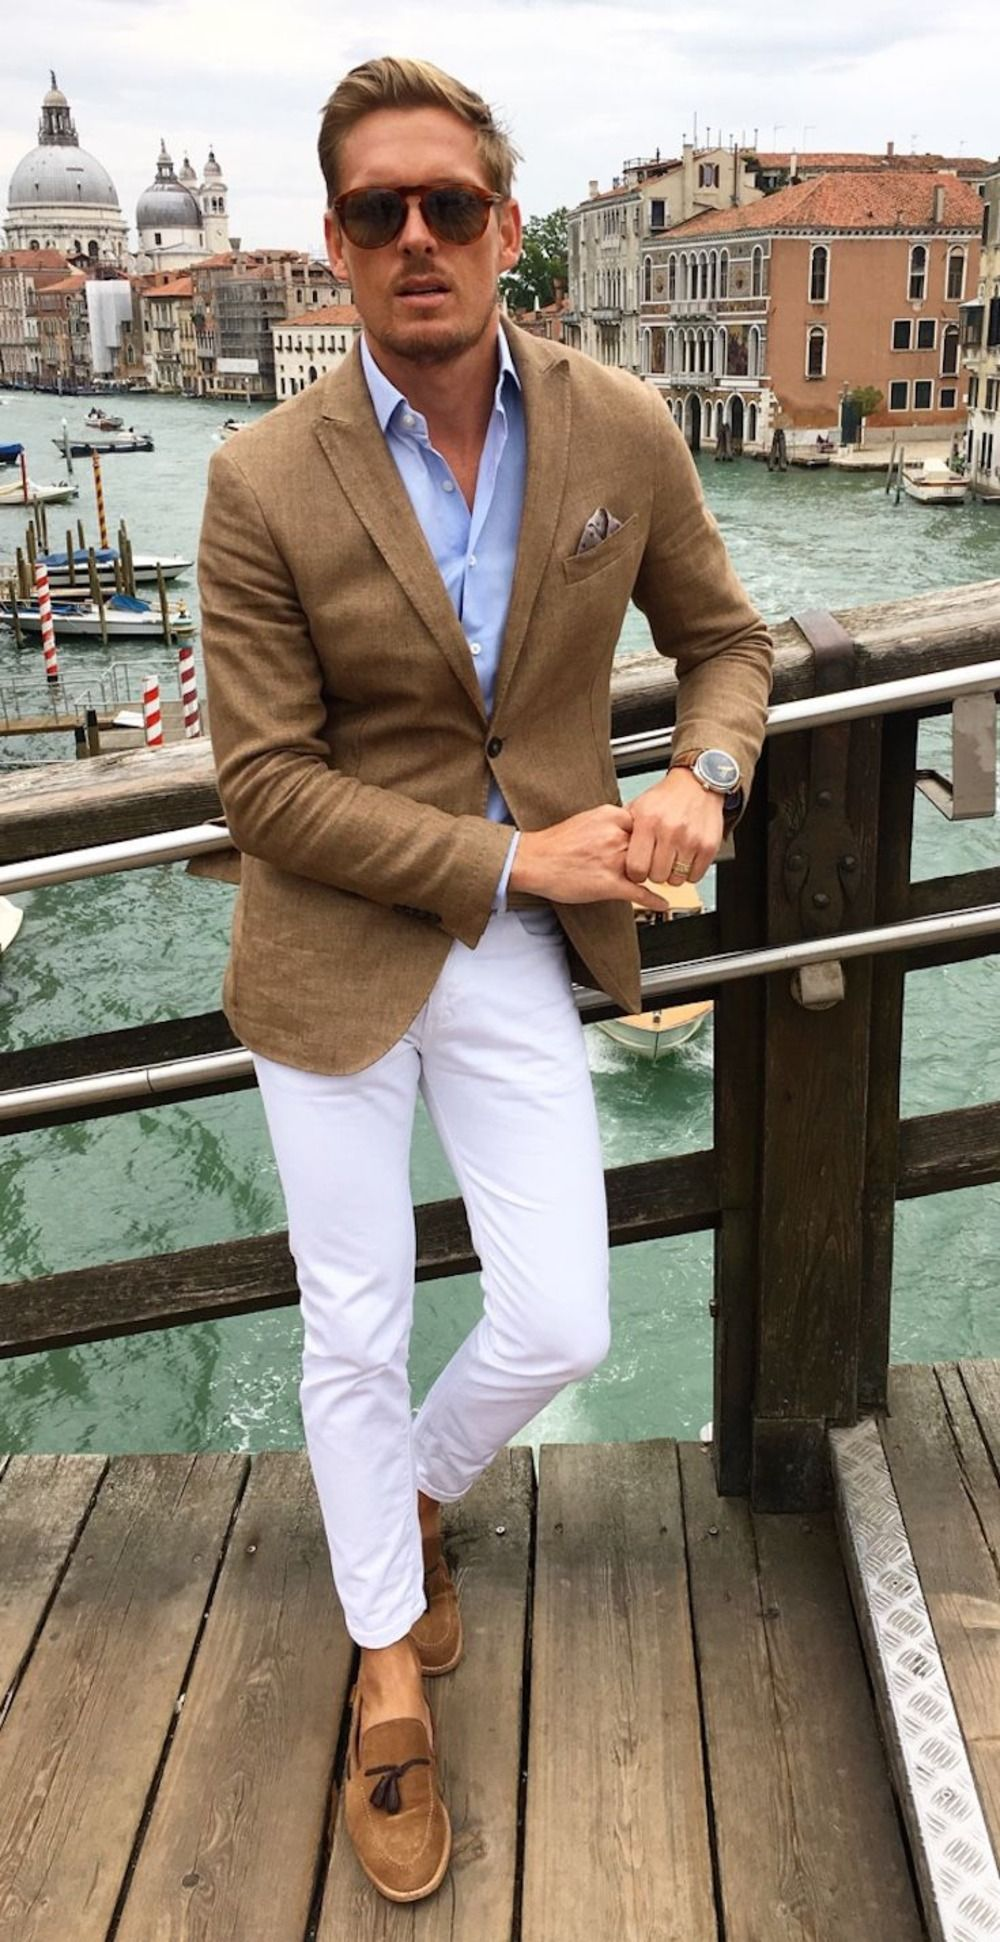 modernes outfit mann mit braunem blazer hellblauem hemd und weißer chino  hose kombinieren herren   Street-styles für herren, Herren sommerstil,  Lässige herrenmode